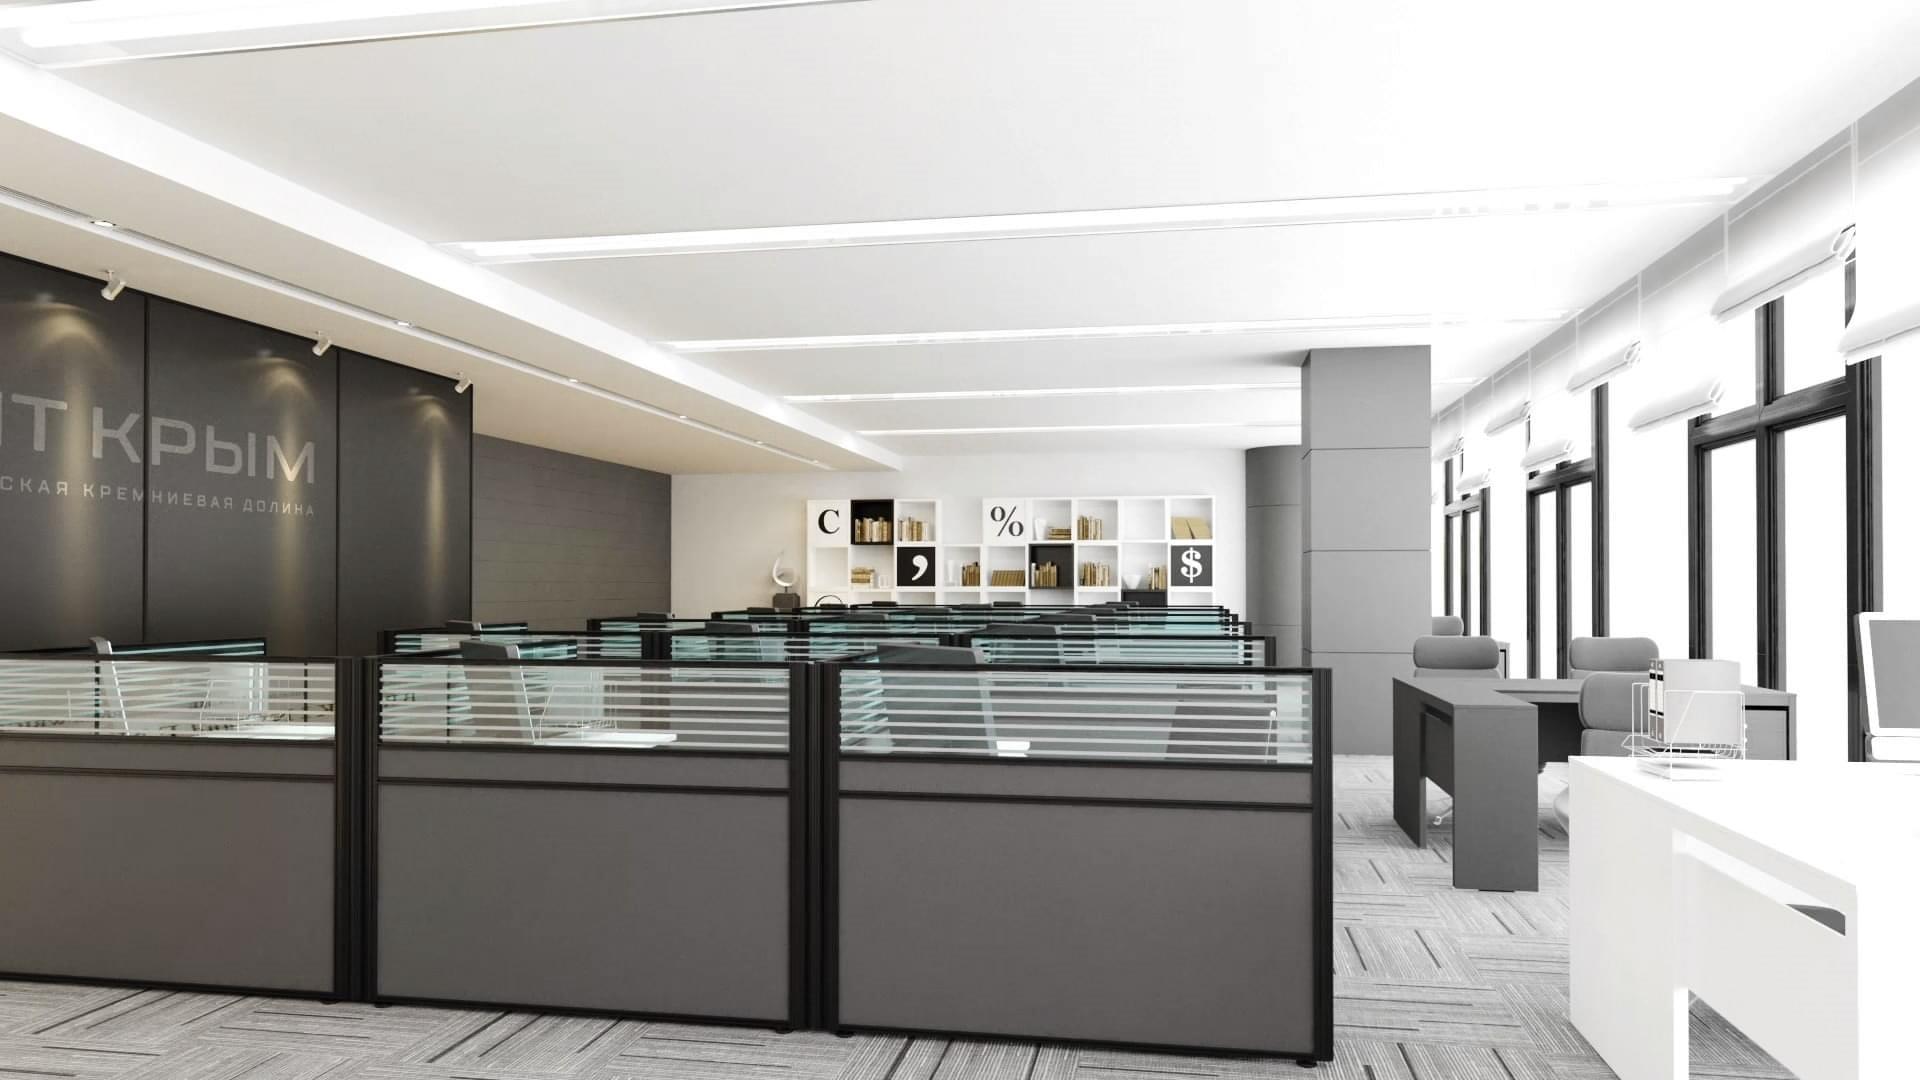 Новый технопарк «ИТ КРЫМ» - идеальная площадка для ИТ-компаний и их сотрудников?